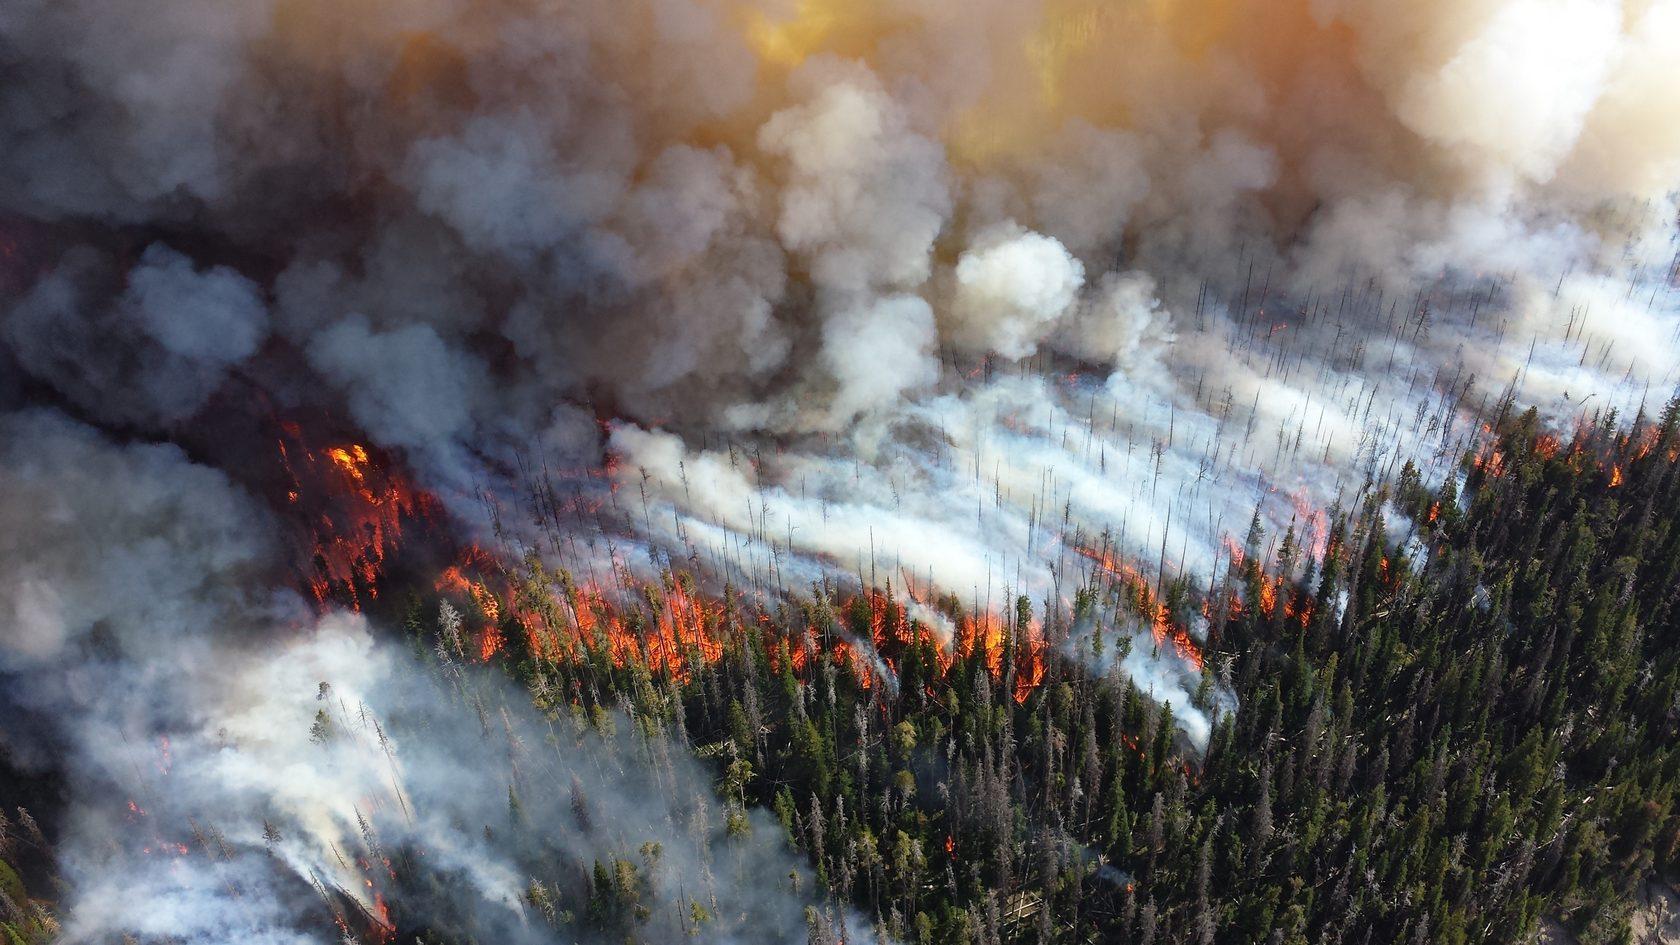 Пожары в Сибири и на Аляске угрожают растопить льды Арктики Аляска,будущее,наука,общество,пожары,Сибирь,таяния ледников,ученые,экологическая катастрофа,экология